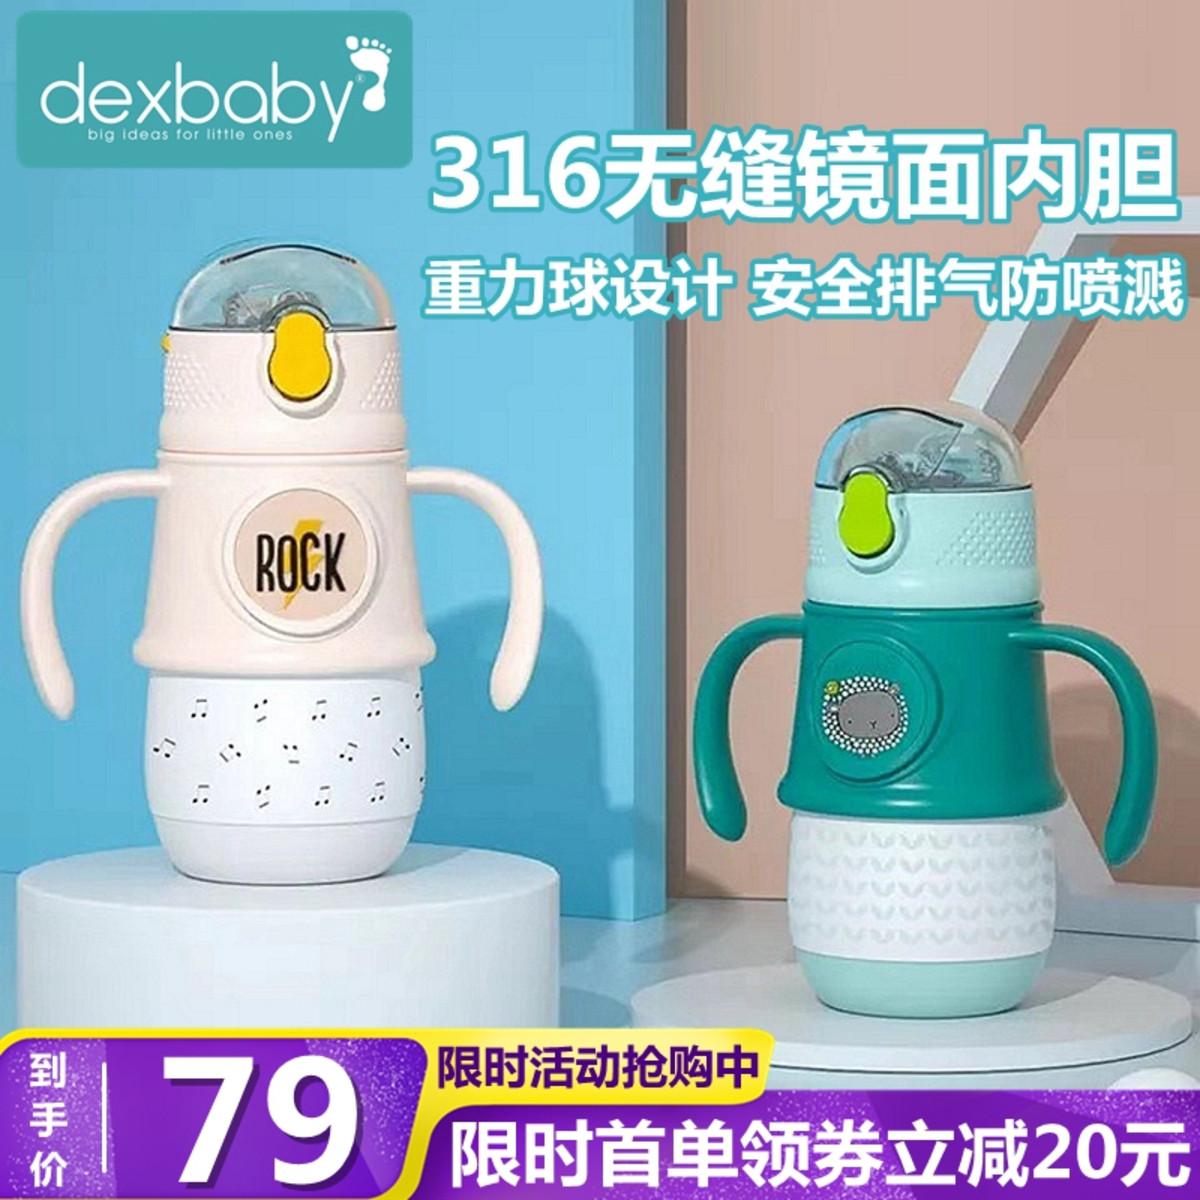 正品dexbaby儿童保温杯带手柄宝宝幼儿园吸管水杯婴儿学饮防摔漏